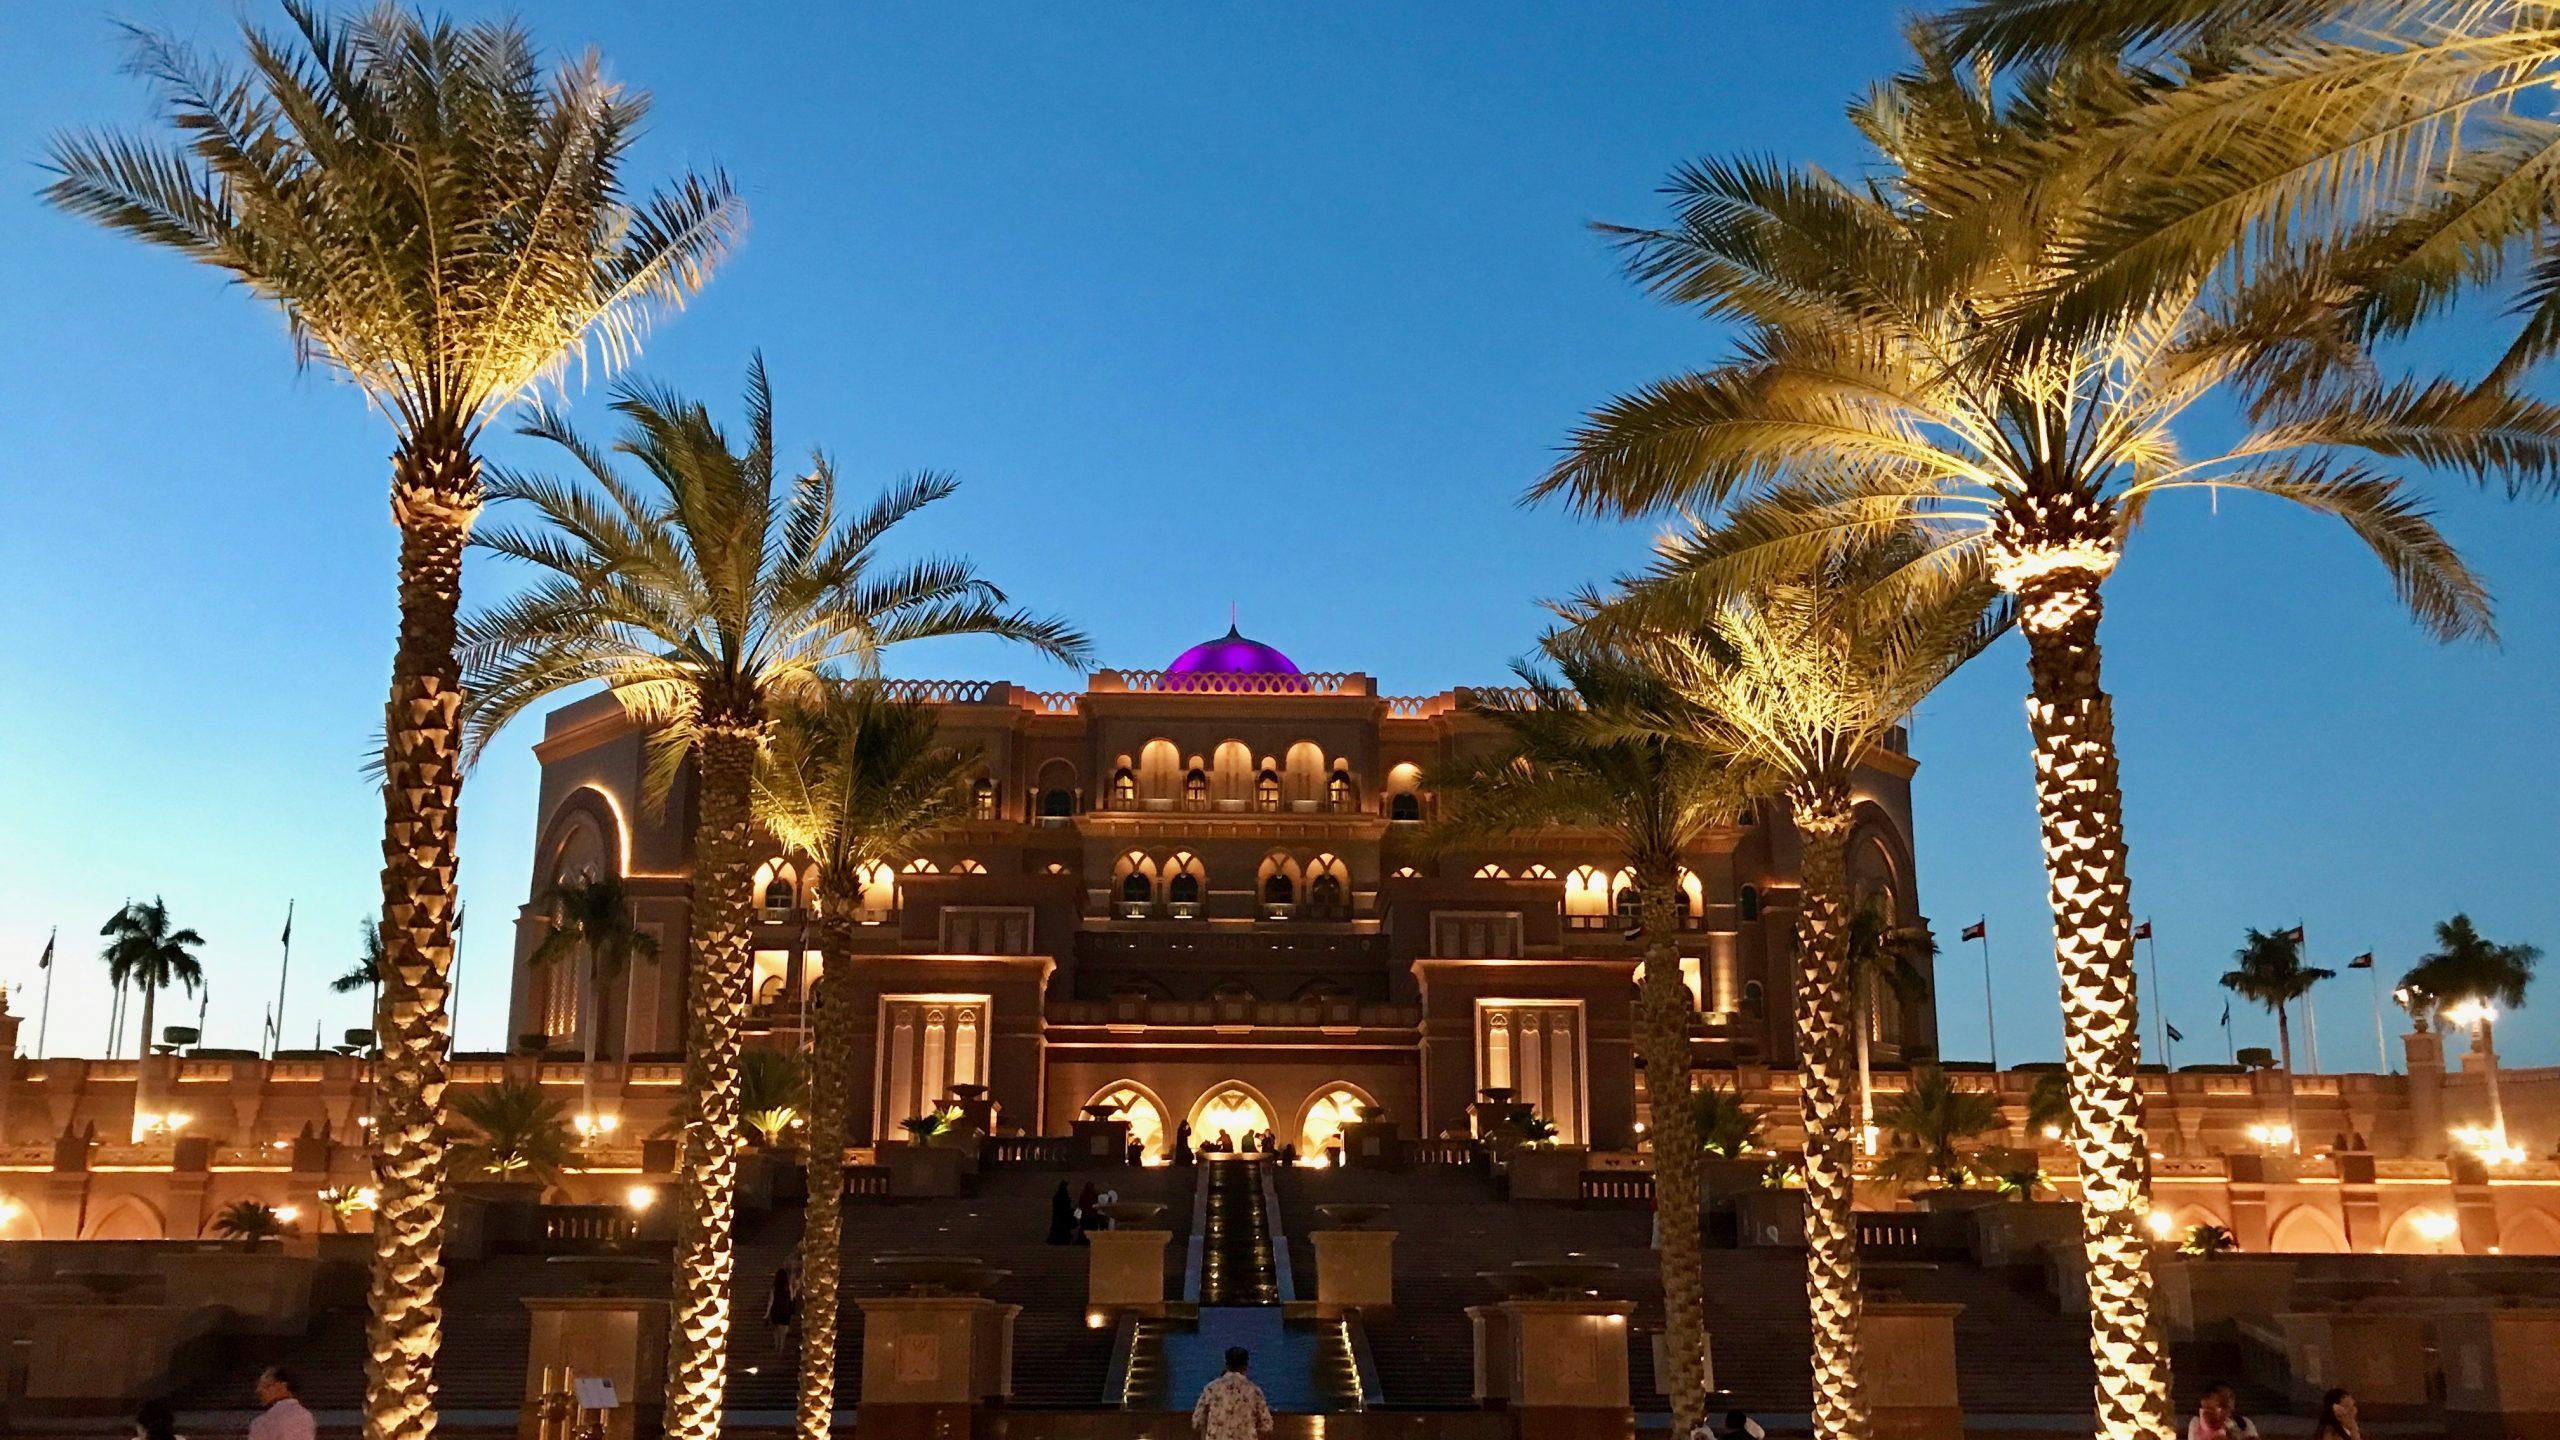 Einmalige Opulenz und ein Palast wie aus einem Märchen, das Luxushotel Emirates Palace in Abu Dhabi. Außenfassade überdimensional groß, von Palmen gesäumte Stufen zum Eingang. Blauer Nachthimmel wird von einem Lichtermeer zum Leuchten gebracht.